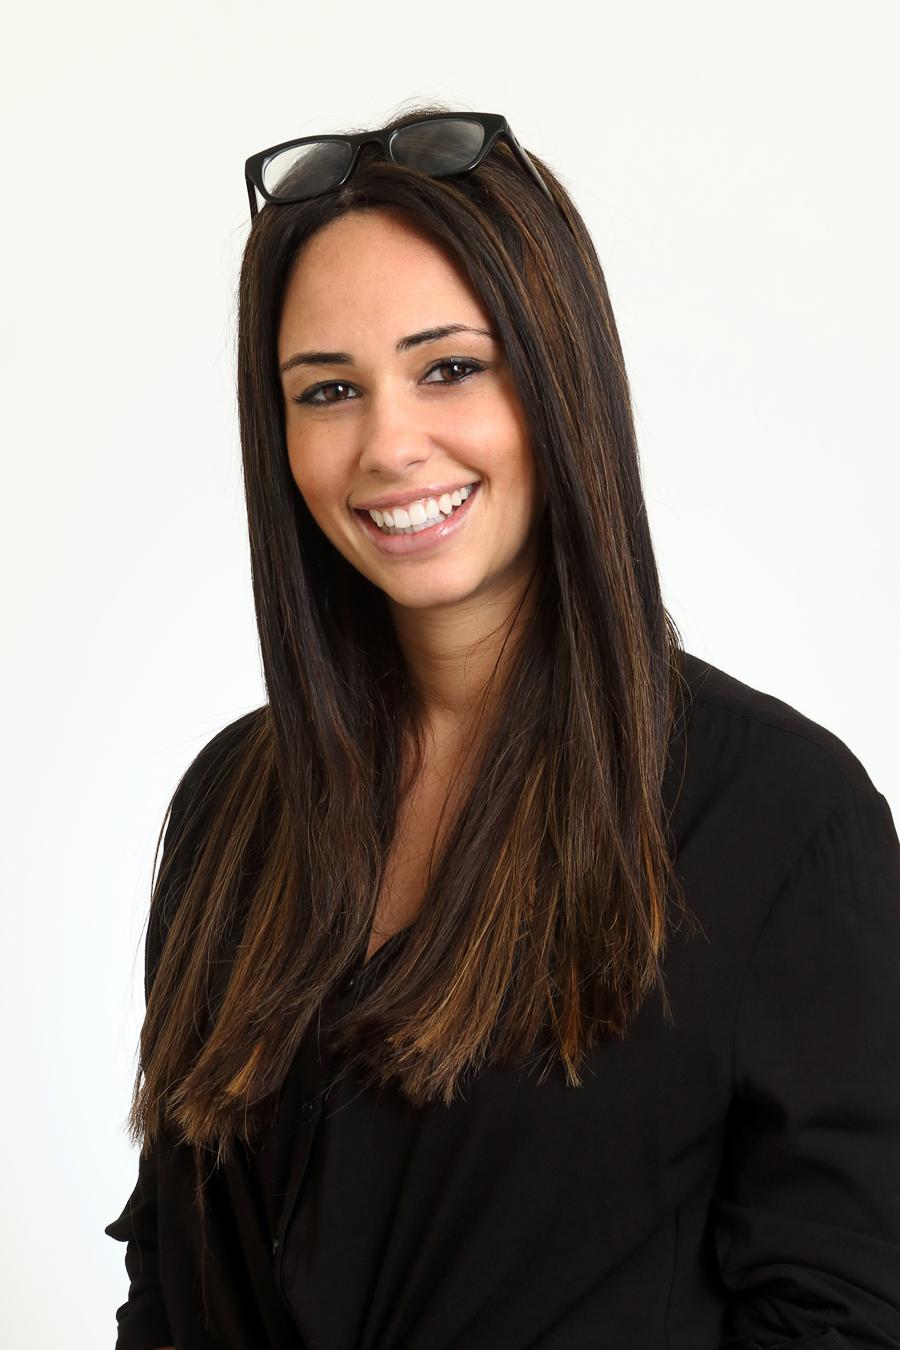 Danielle Clements